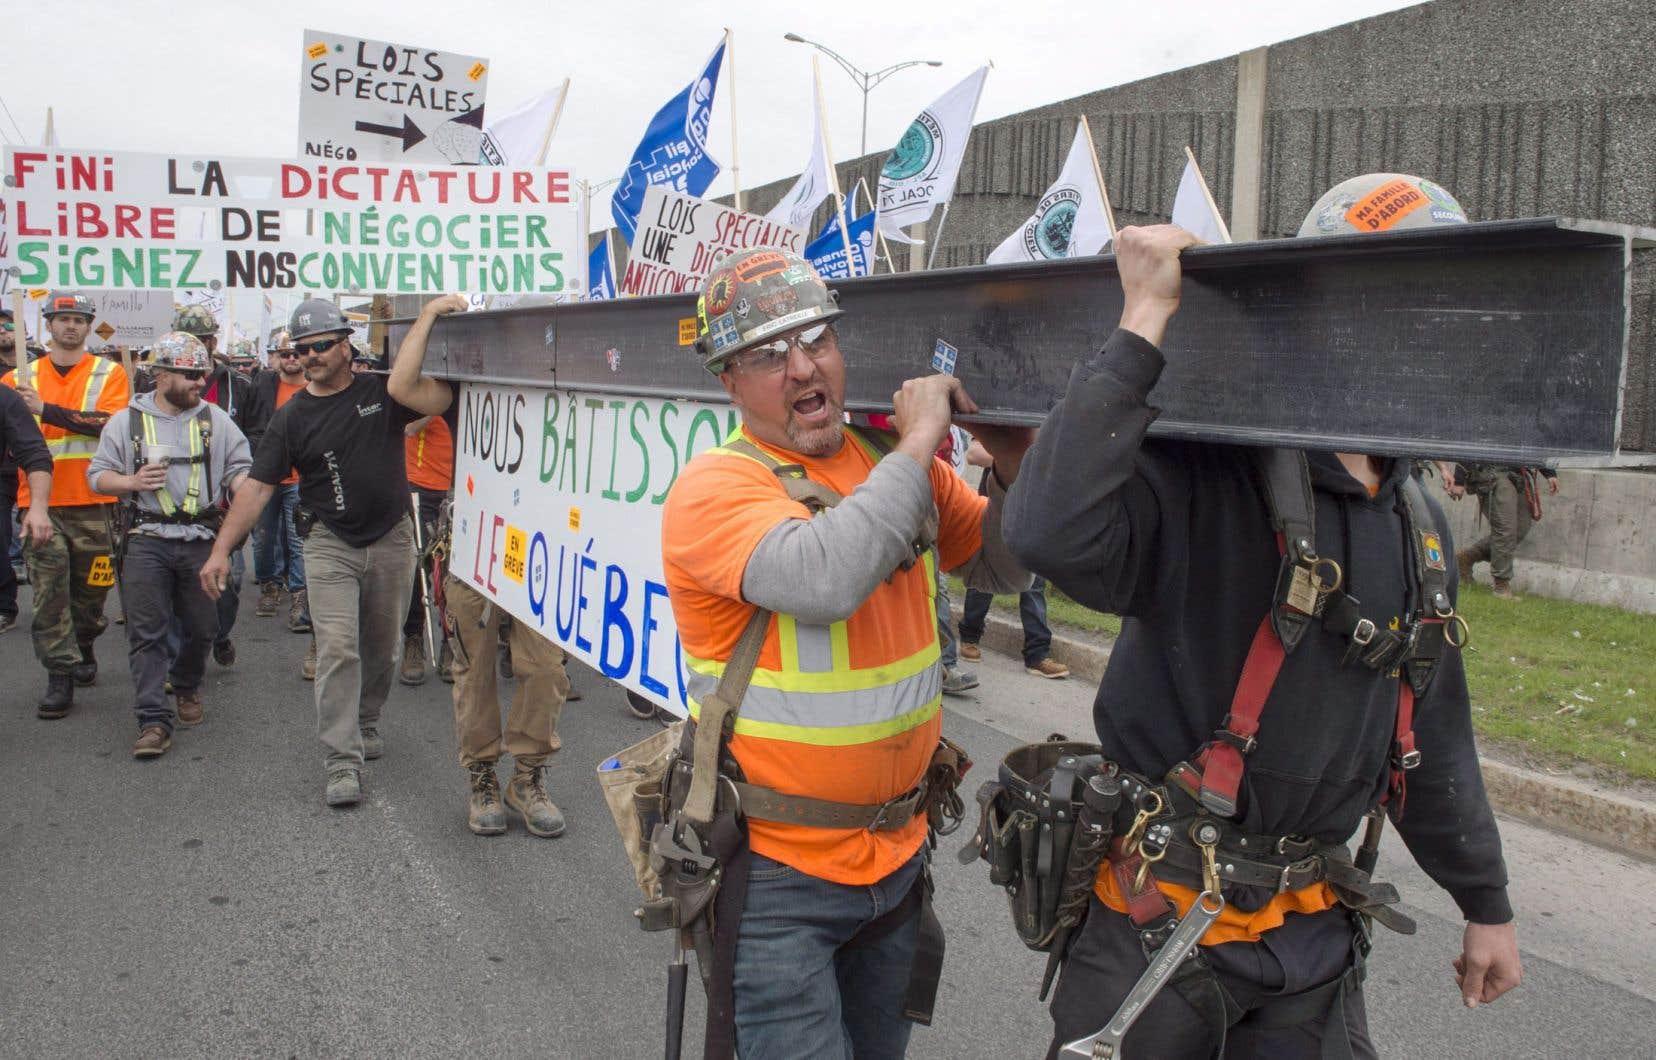 Des travailleurs de la construction, le 25 mai dernier pendant la grève. La loi spéciale avait mis fin à la grève le 30 mai et donnait aux parties concernées jusqu'au 30 octobre pour conclure une entente.